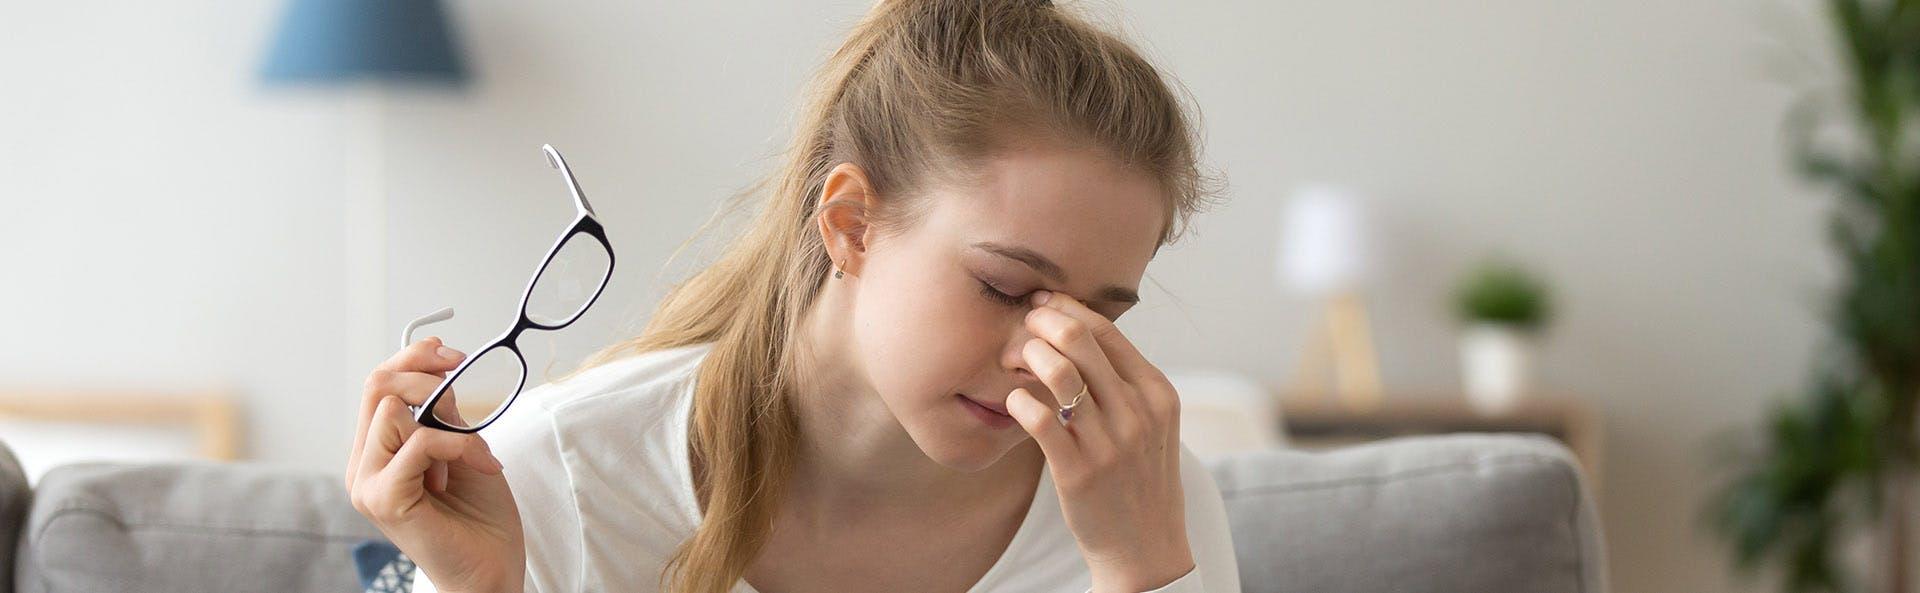 Mujer joven retirándose las gafas, se toca la nariz en señal de dolor.